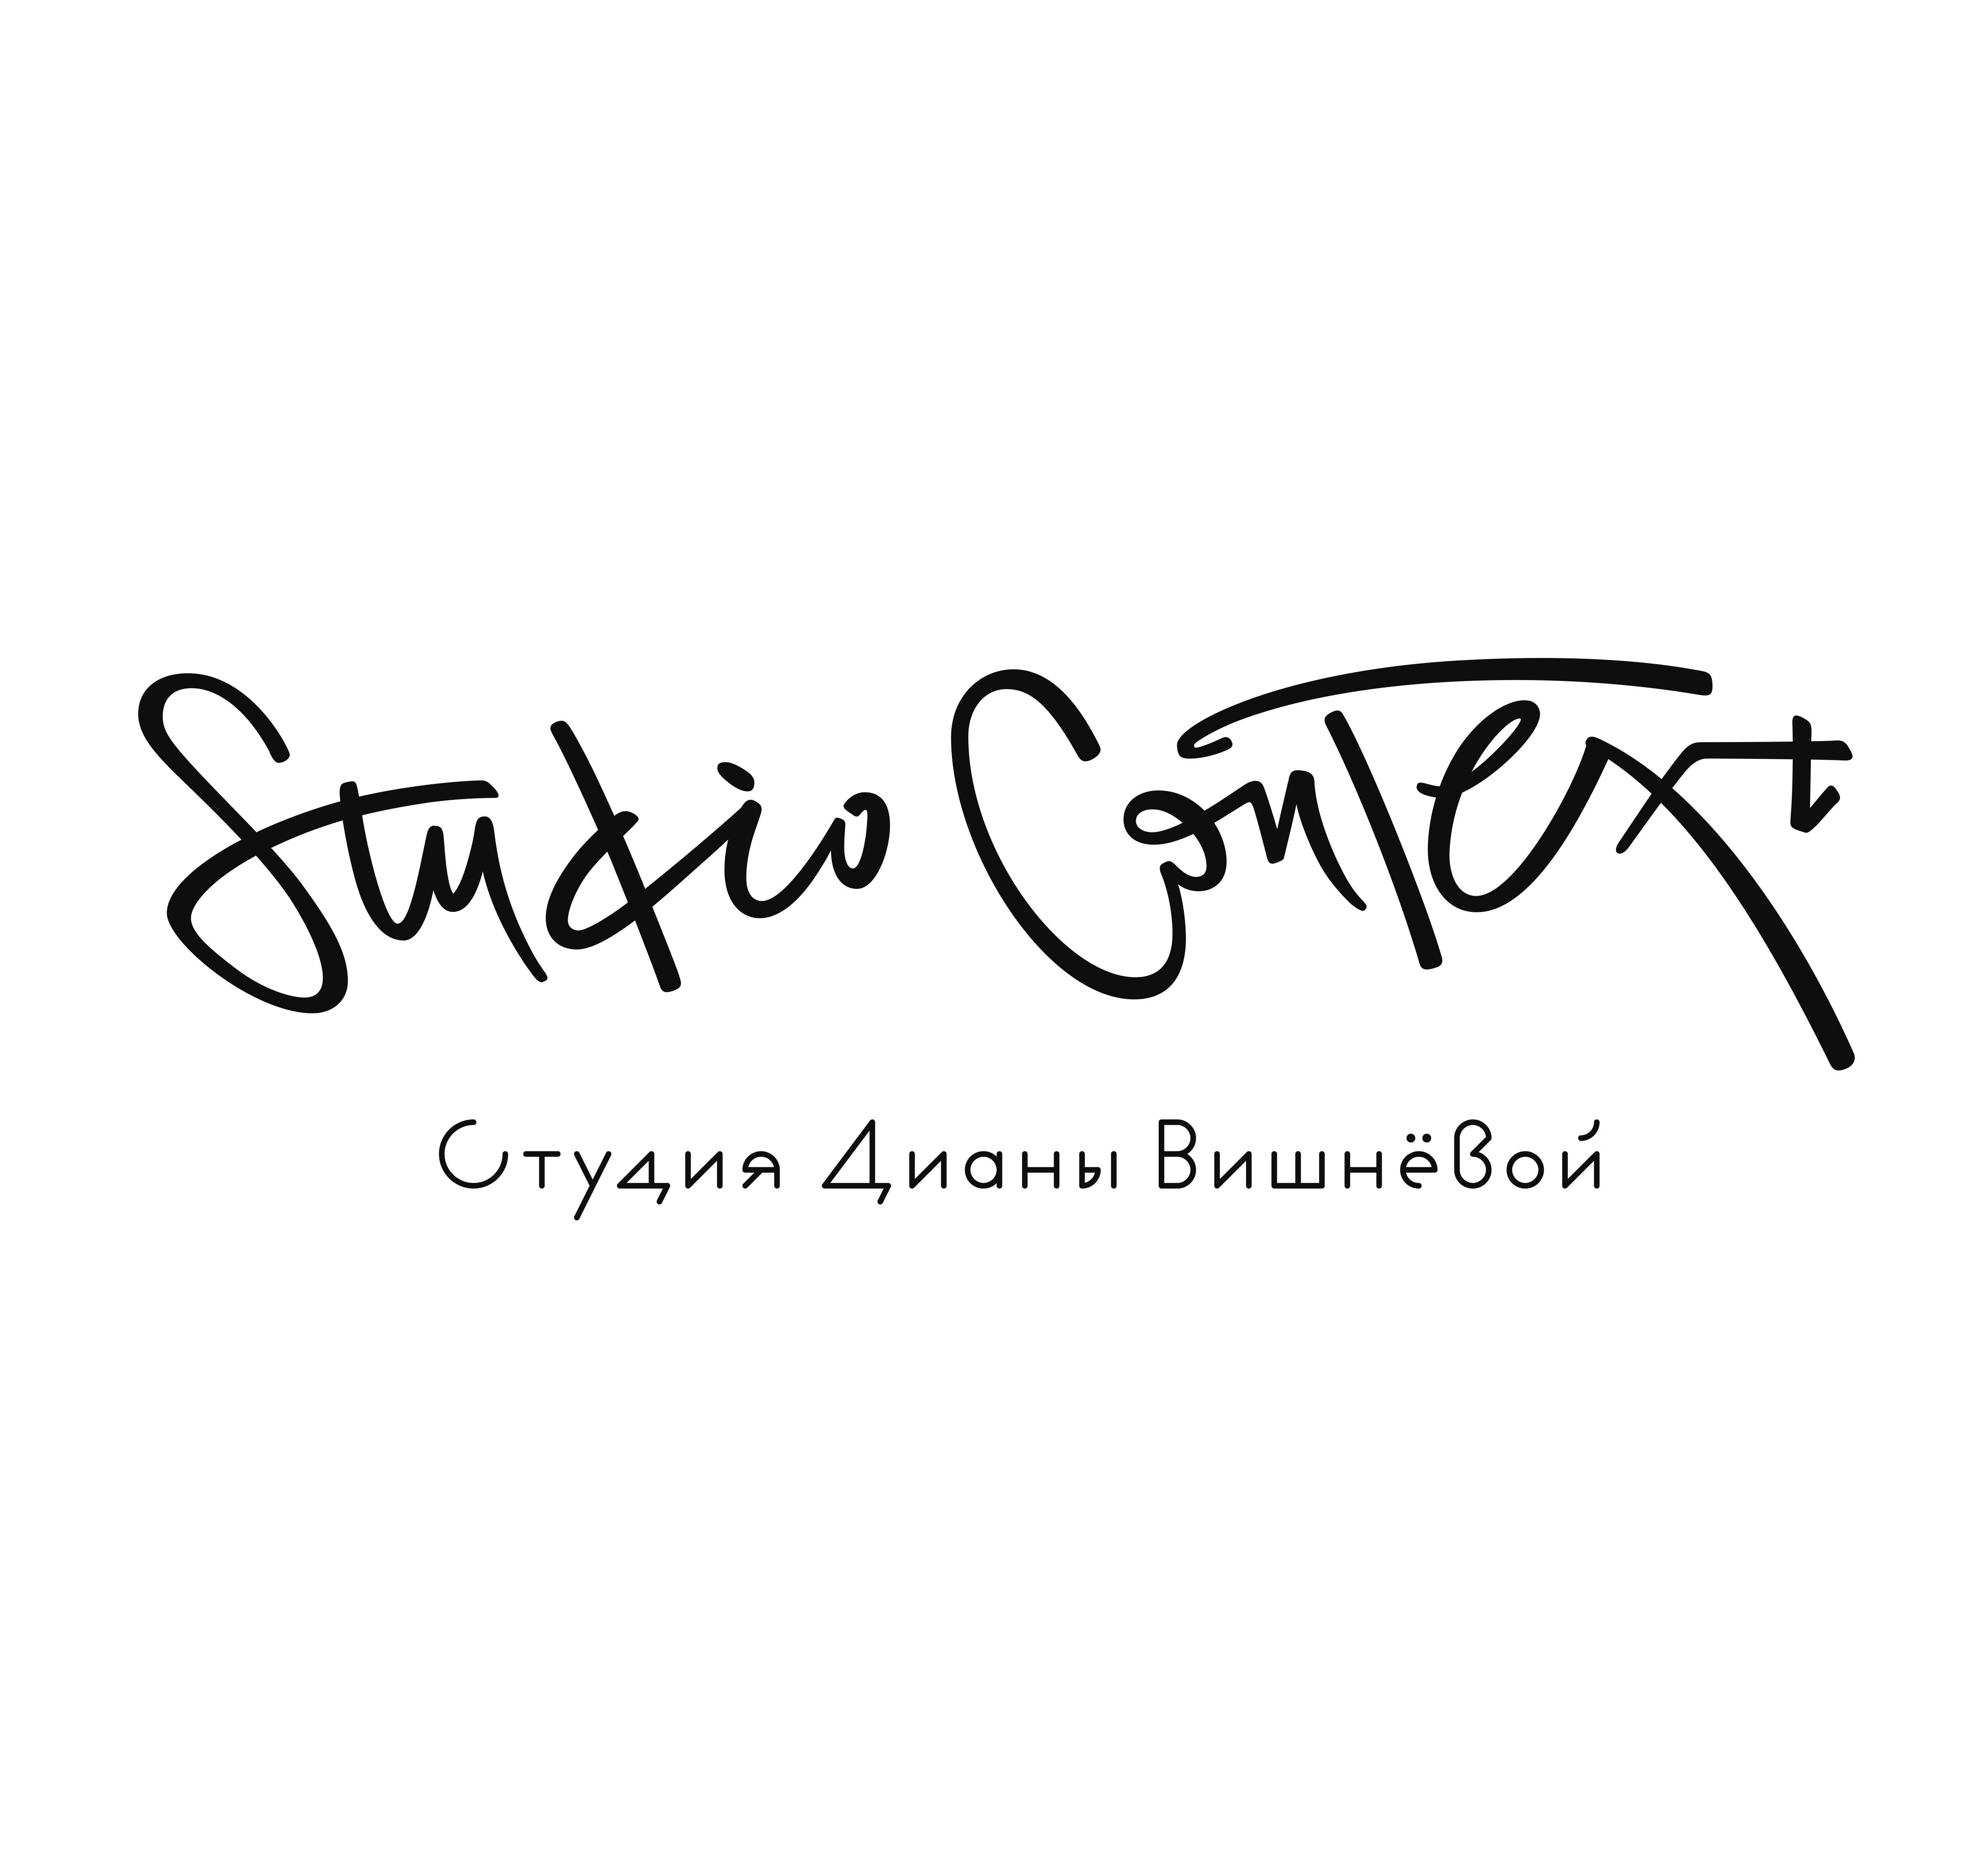 Studio Context Diana Vishneva